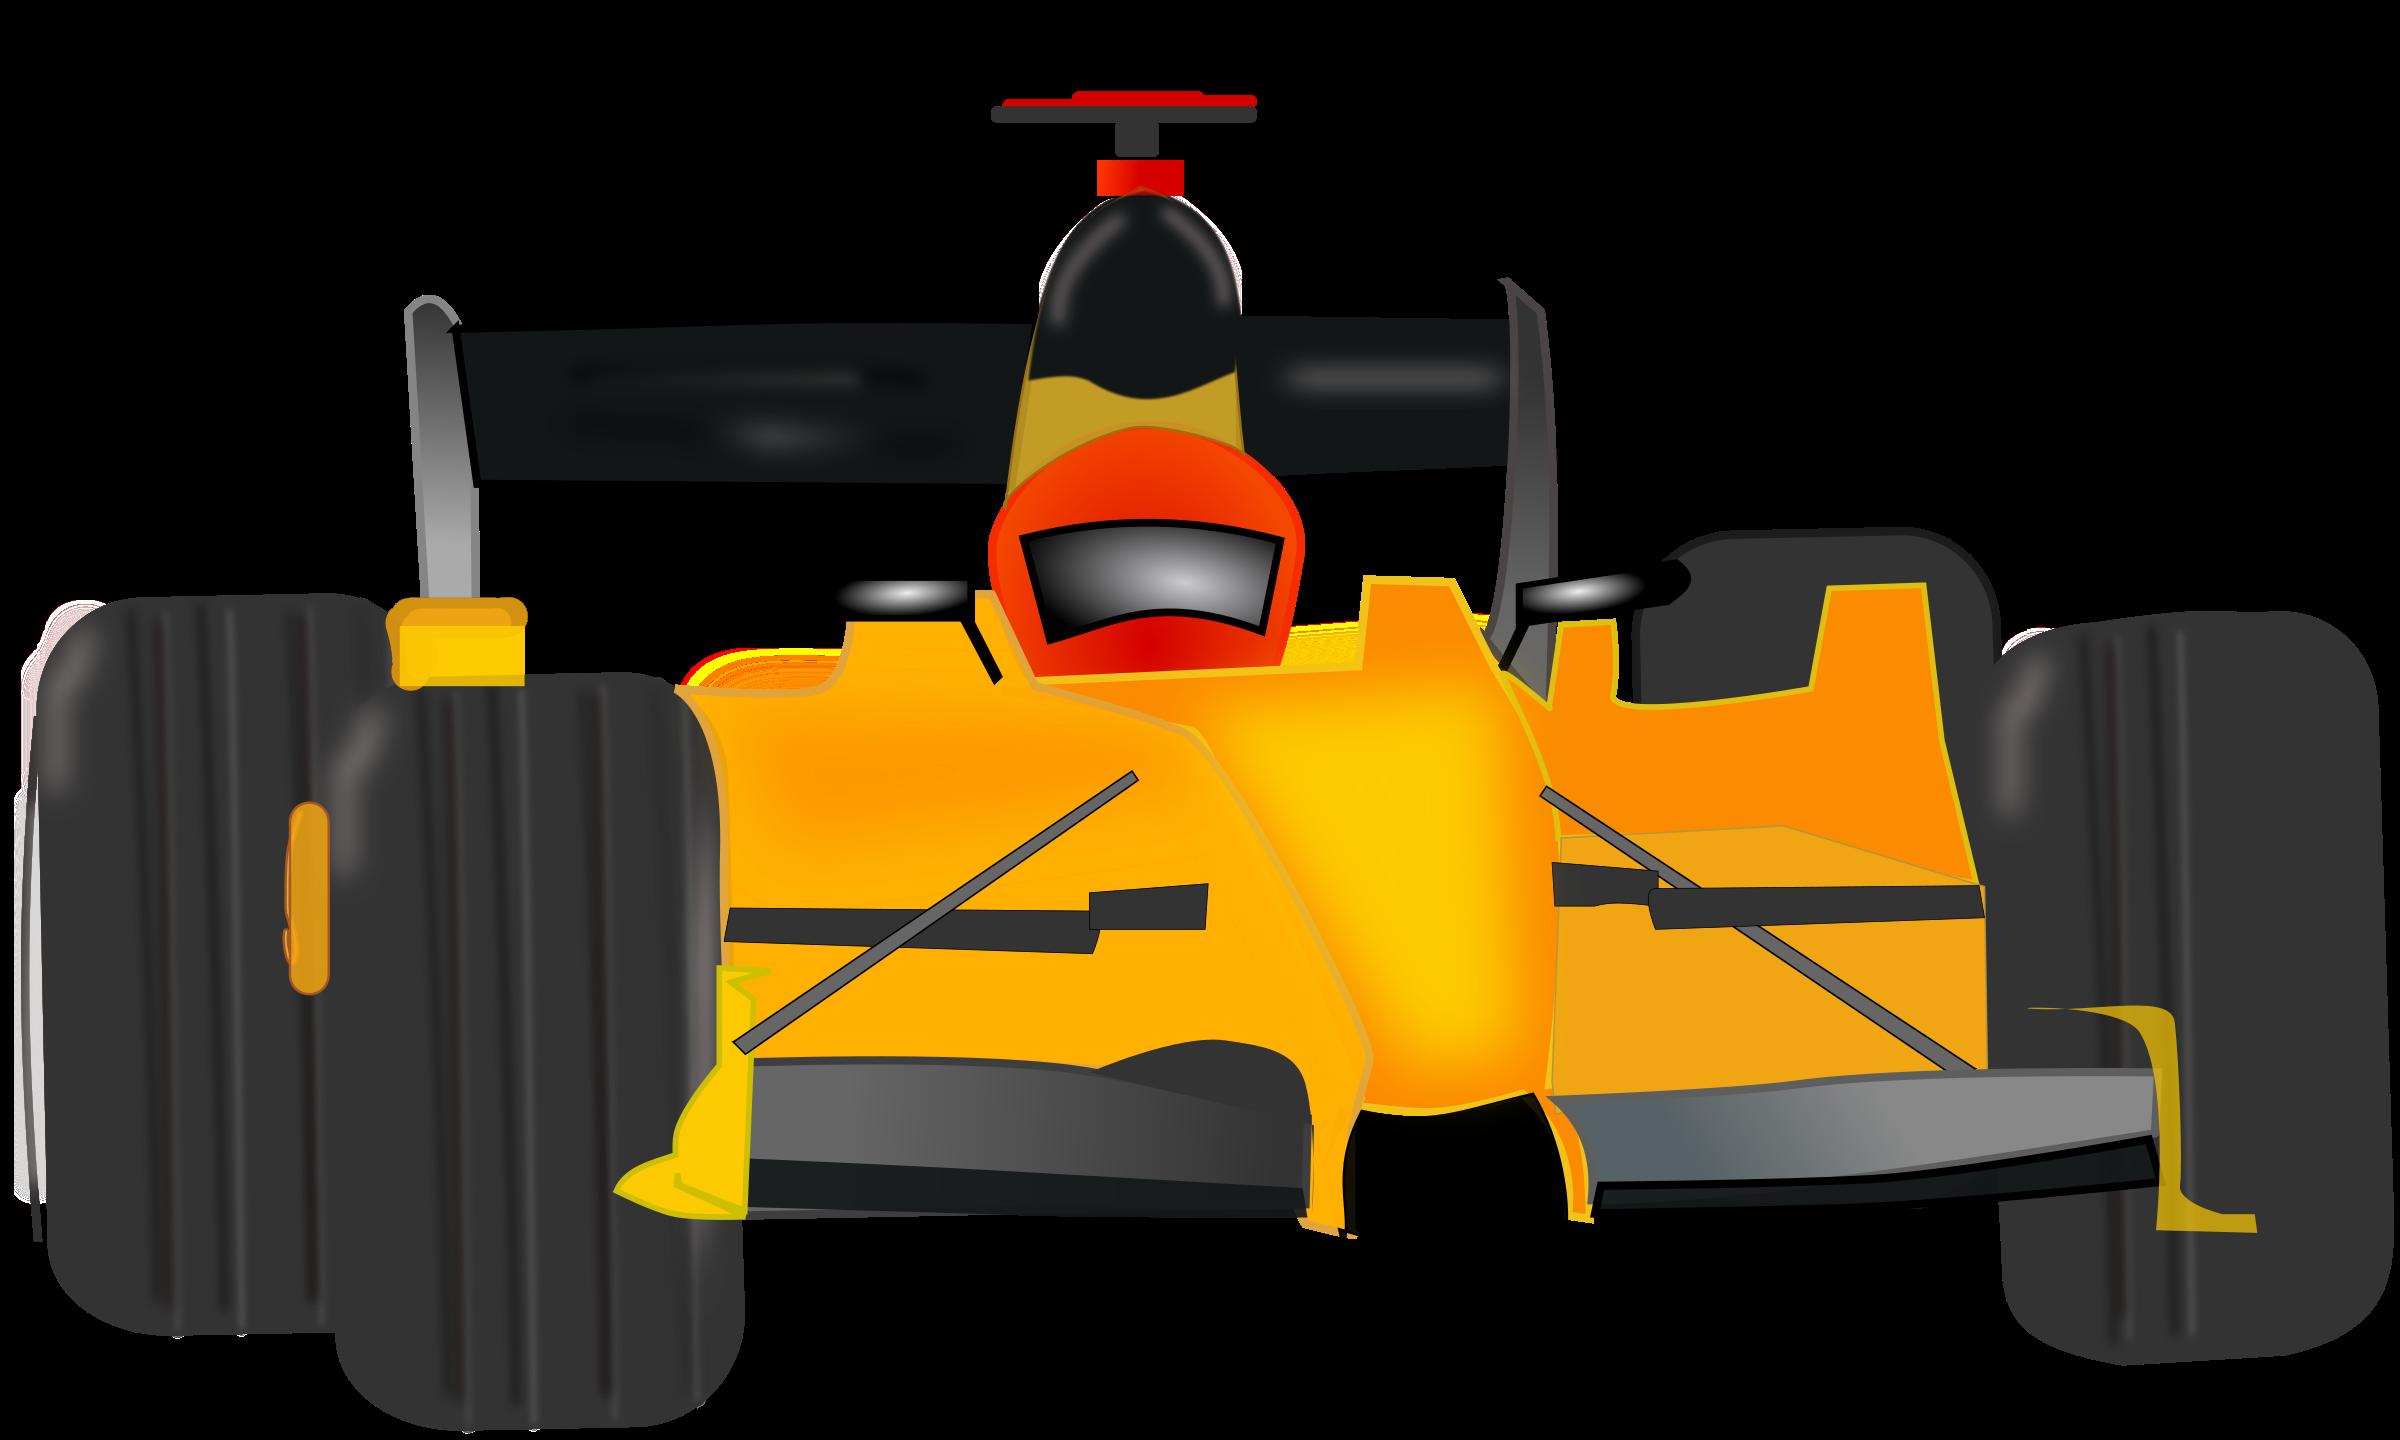 Clipart car vector. Race big image png